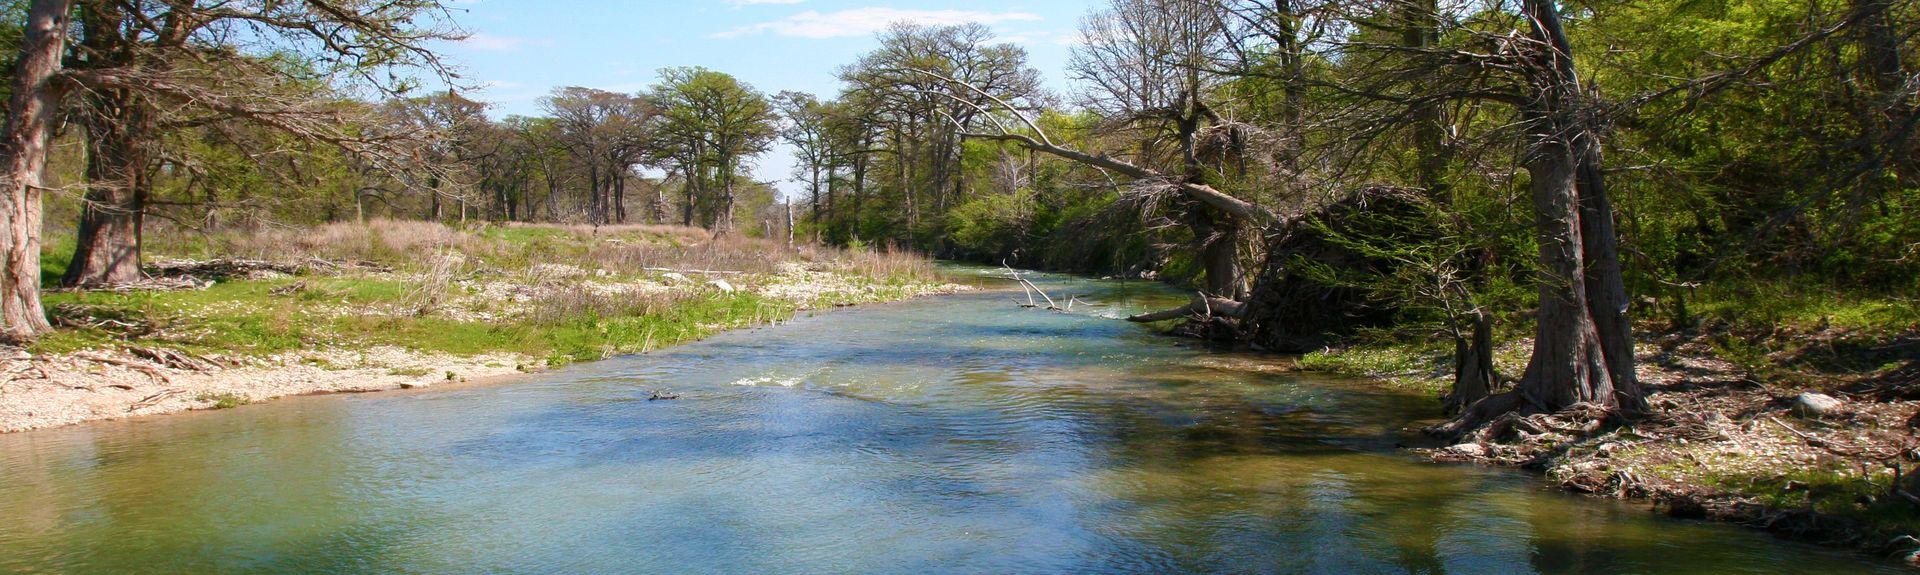 Sisterdale, Boerne, TX, USA